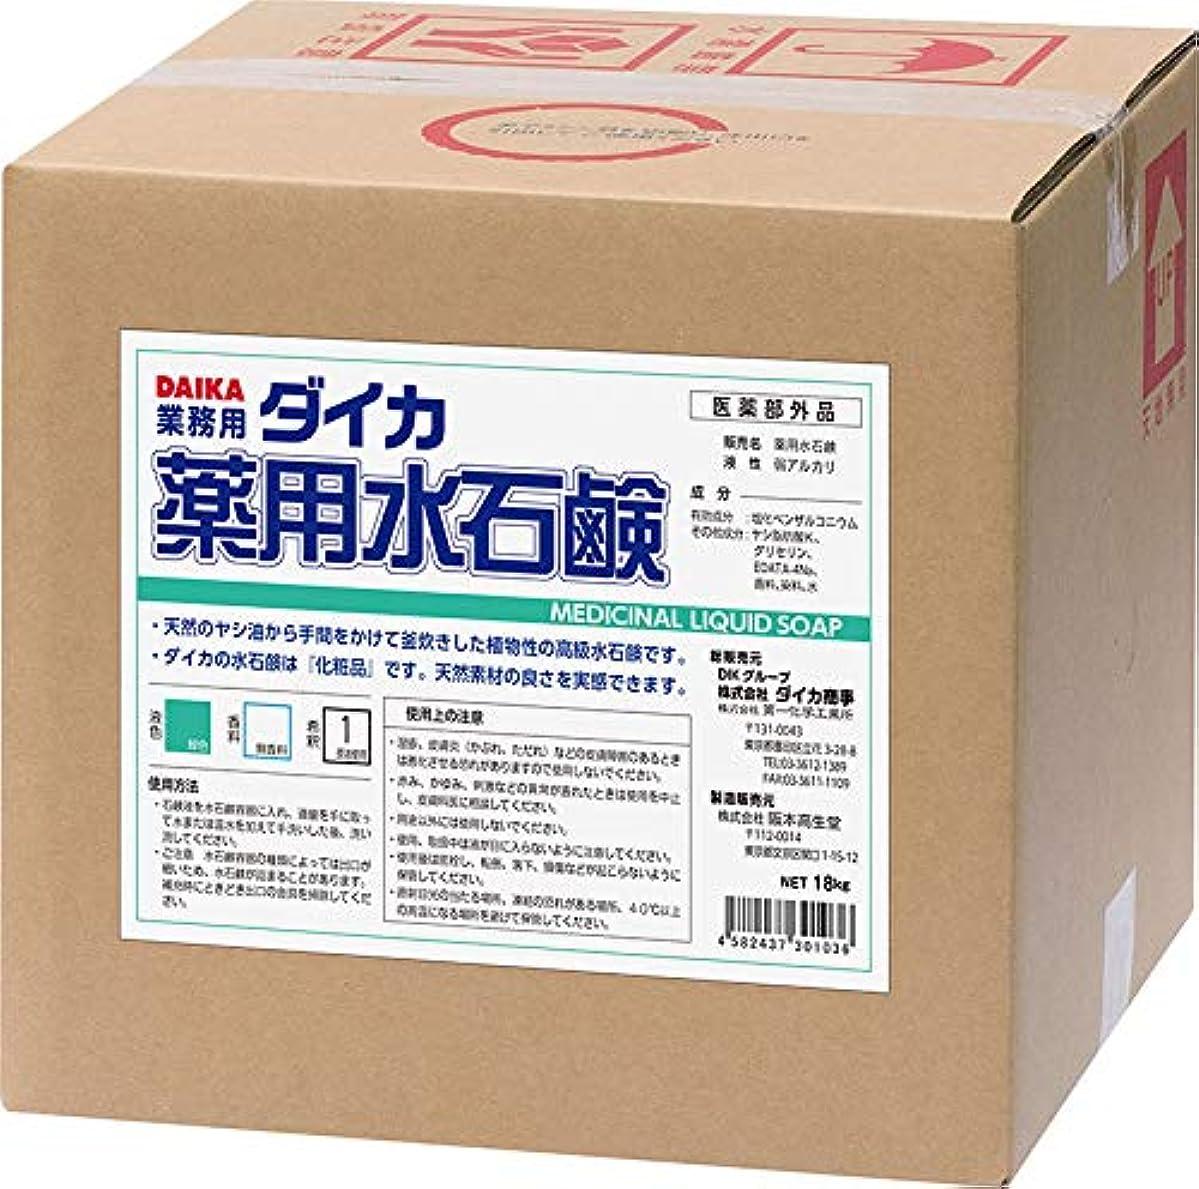 勝利行き当たりばったり一般【医薬部外品】業務用 ハンドソープ ダイカ 薬用 水石鹸 MGN 18kg